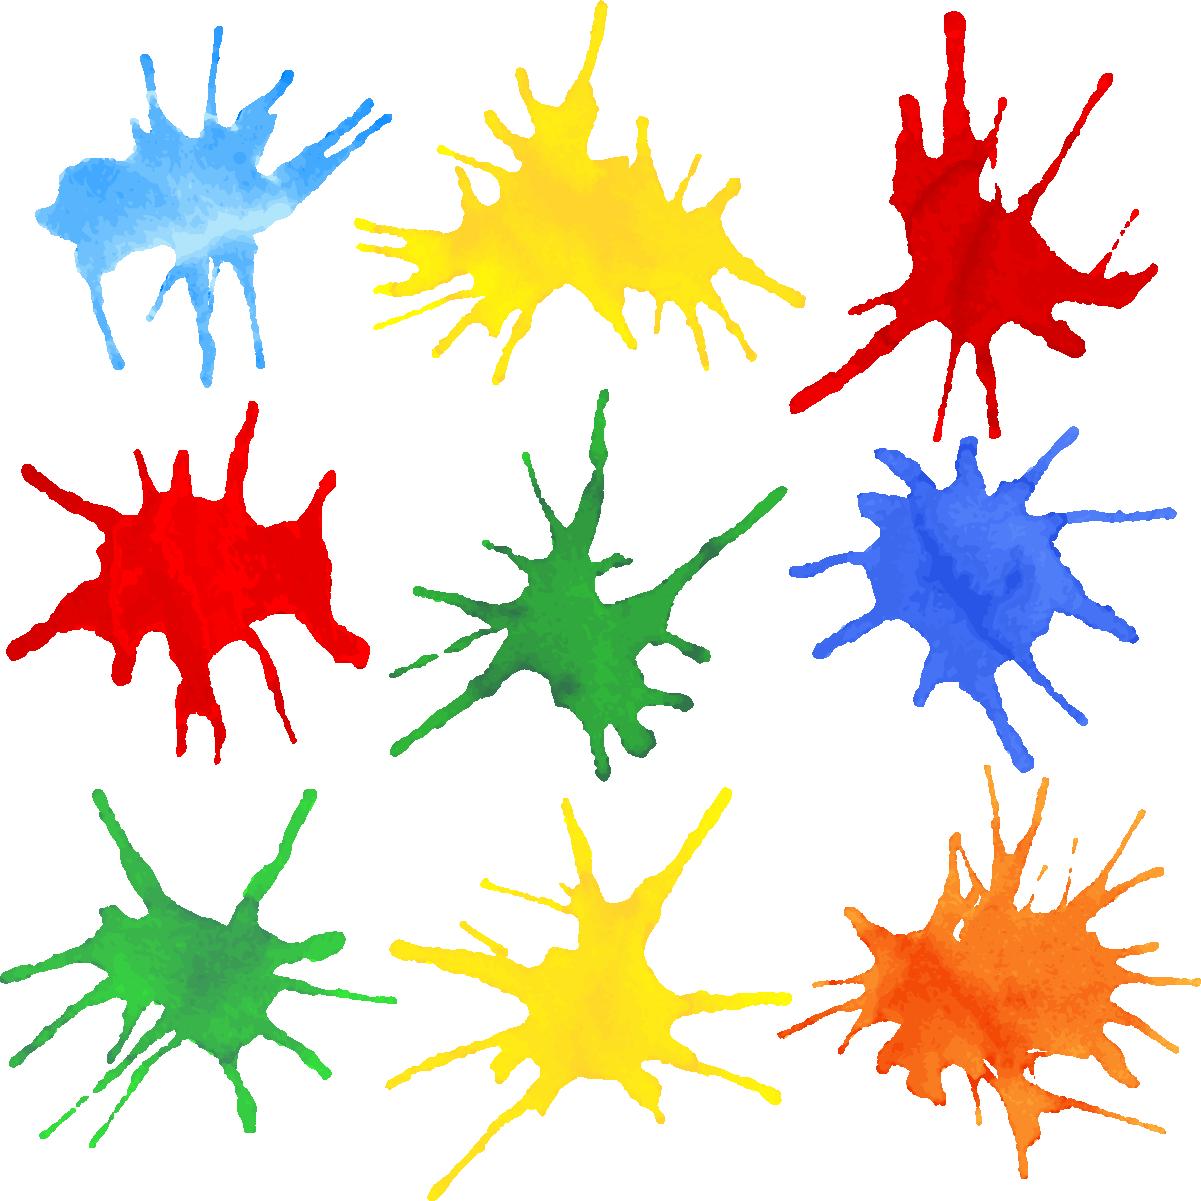 Наклейка «Разноцветные брызги»Кляксы<br><br>